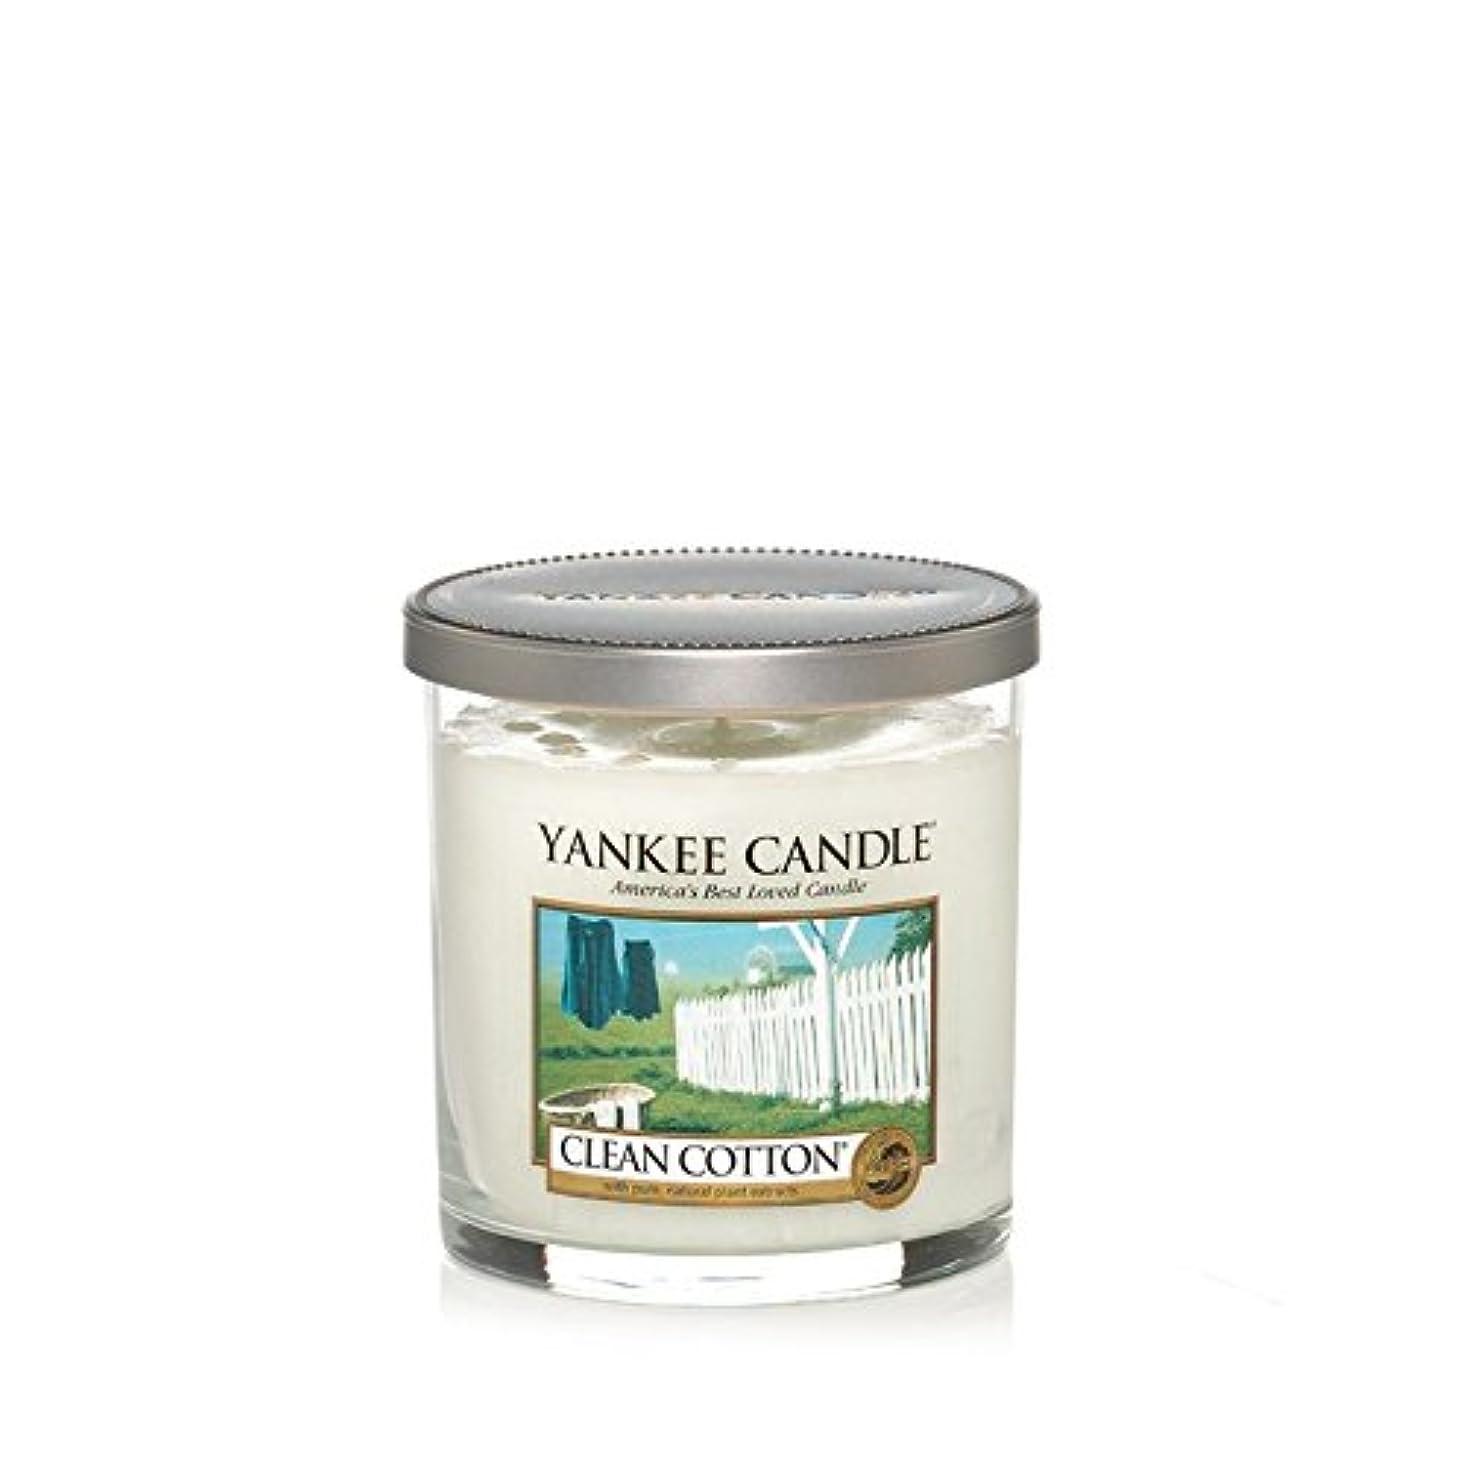 脱獄豊富なキュービックYankee Candles Small Pillar Candle - Clean Cotton (Pack of 2) - ヤンキーキャンドルの小さな柱キャンドル - きれいな綿 (x2) [並行輸入品]